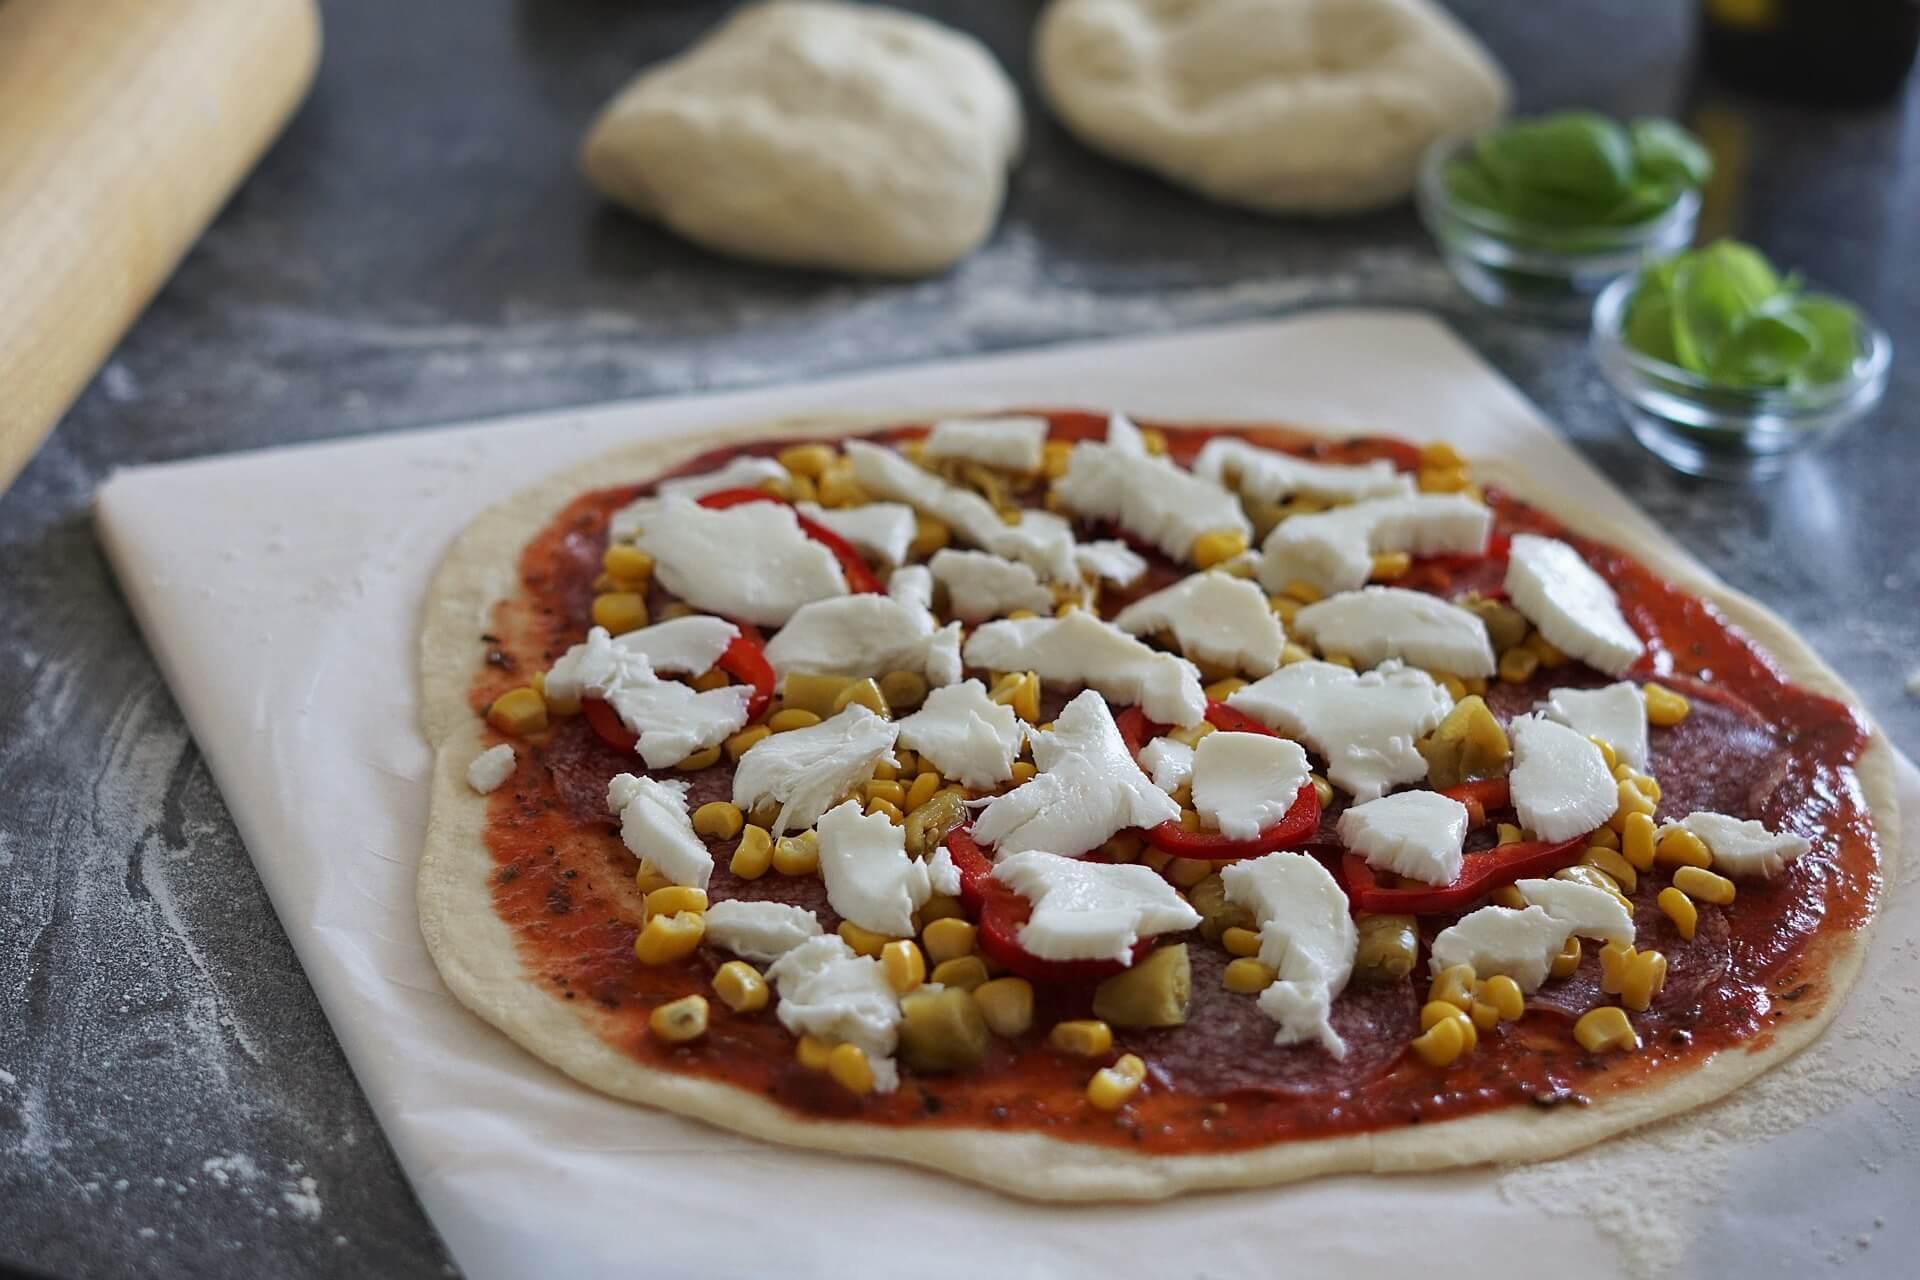 Pizzastein Für Gasgrill Landmann : ᐅ pizzastein 2019 die besten pizzasteine im vergleich & online kaufen